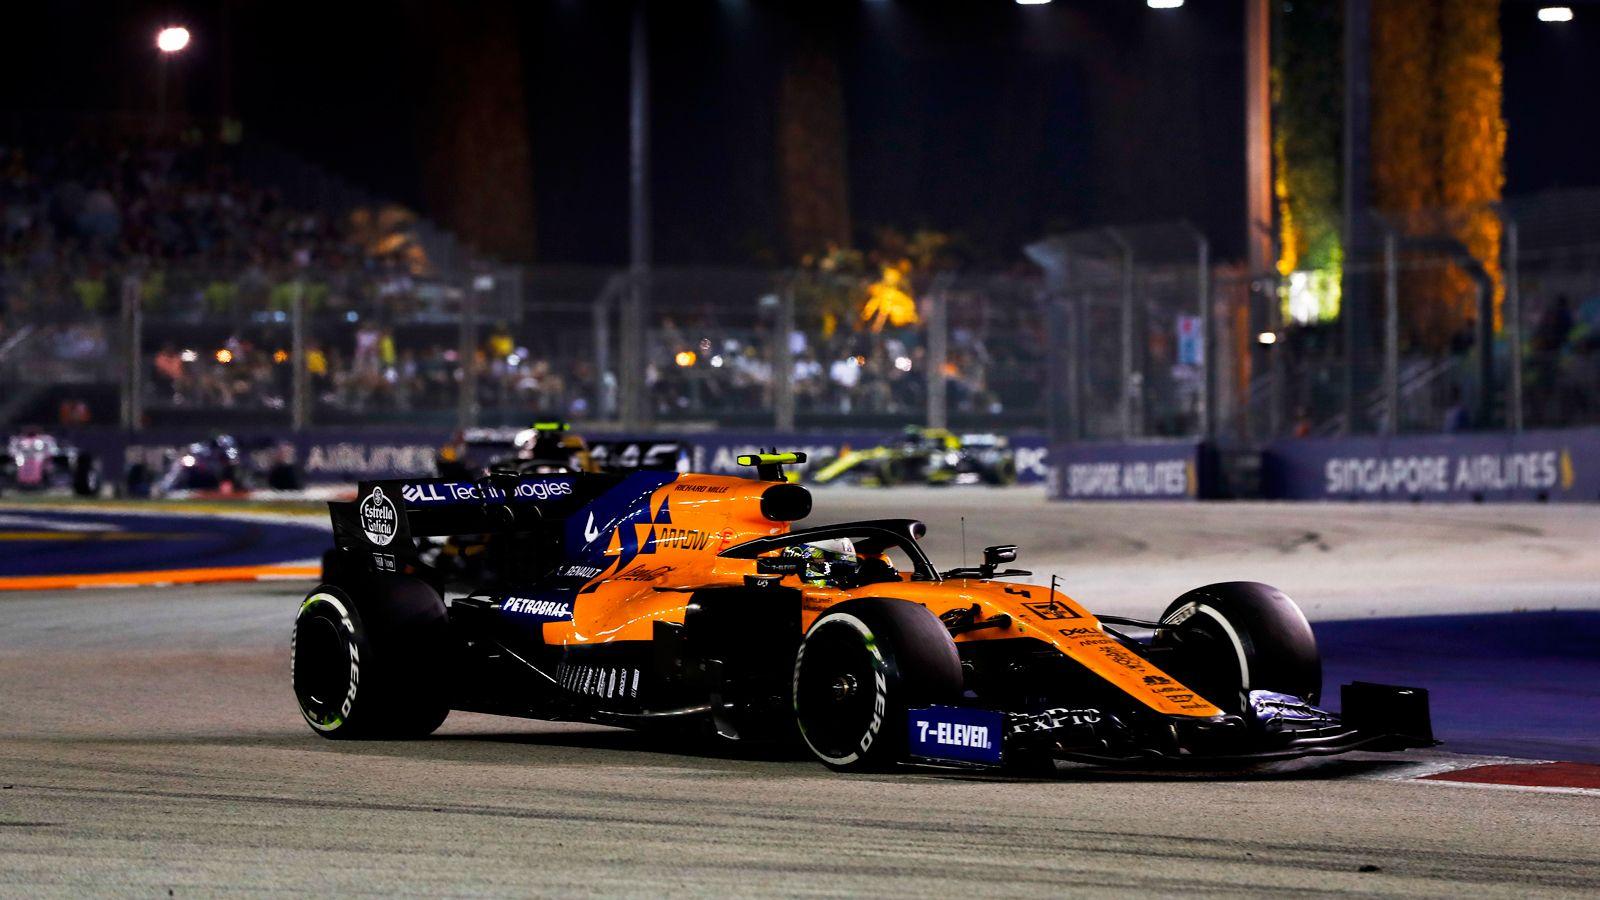 Mclaren S Lando Norris Critical Of Sunday S F1 It S Not Racing